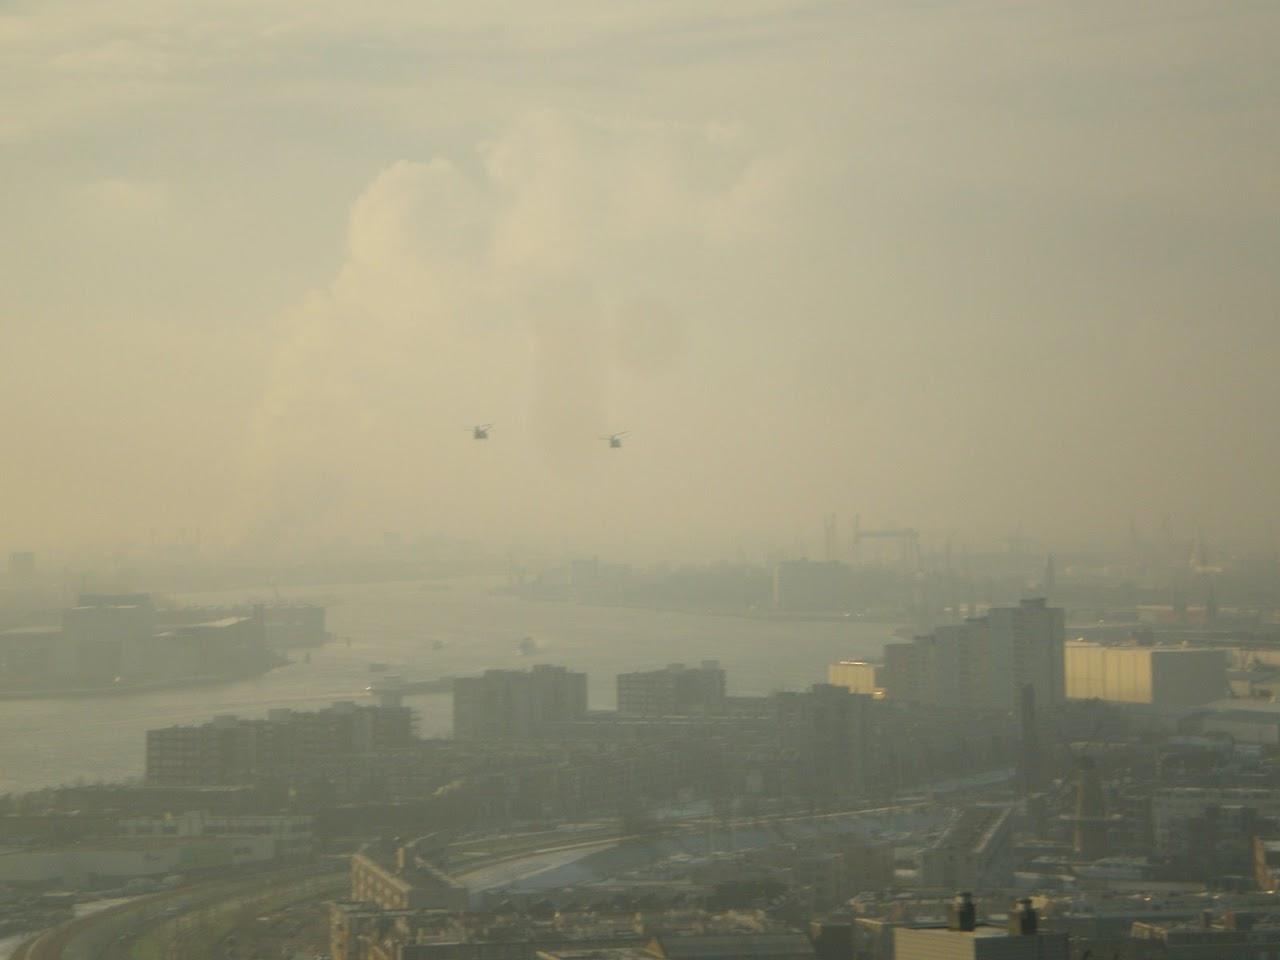 Niederländische CH53 im Tiefflug über den Hafen von Rotterdam